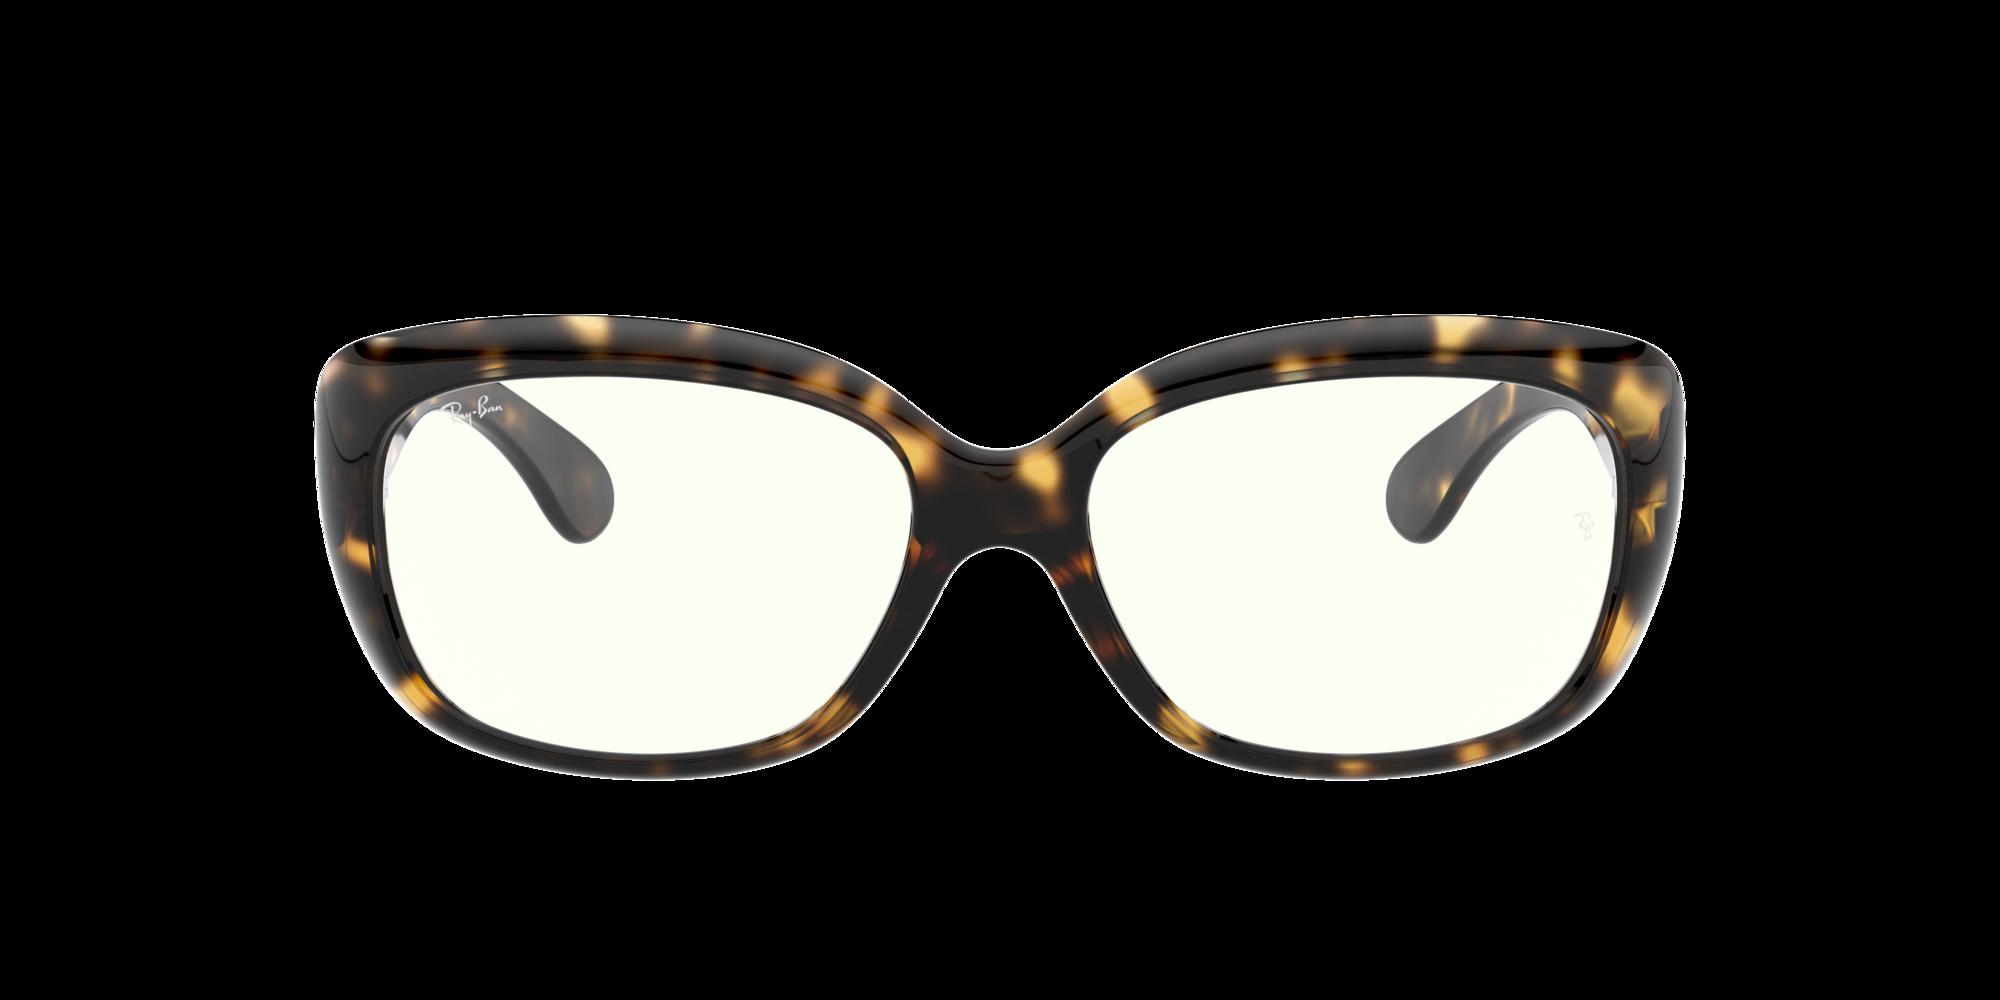 Imagen para RB4101 58 JACKIE OHH de LensCrafters |  Espejuelos, espejuelos graduados en línea, gafas